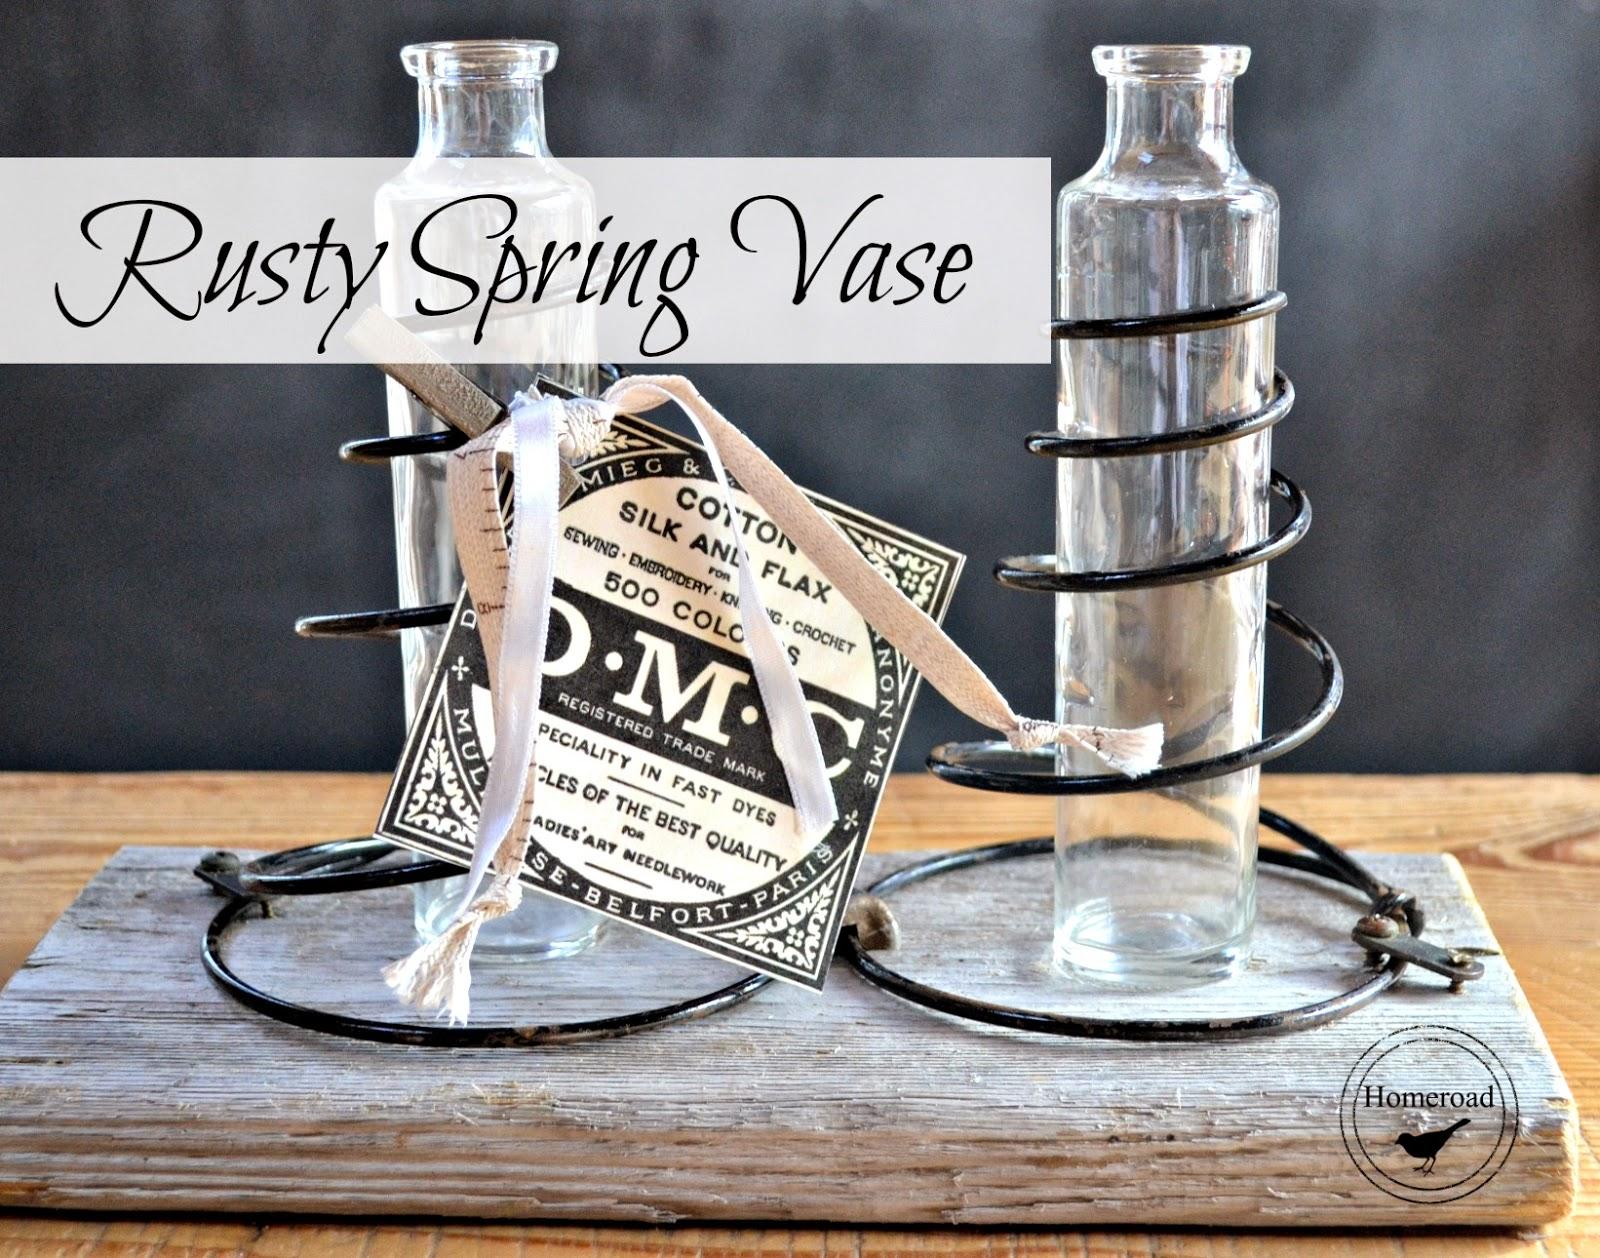 rusty spring vase www.homeroad.net